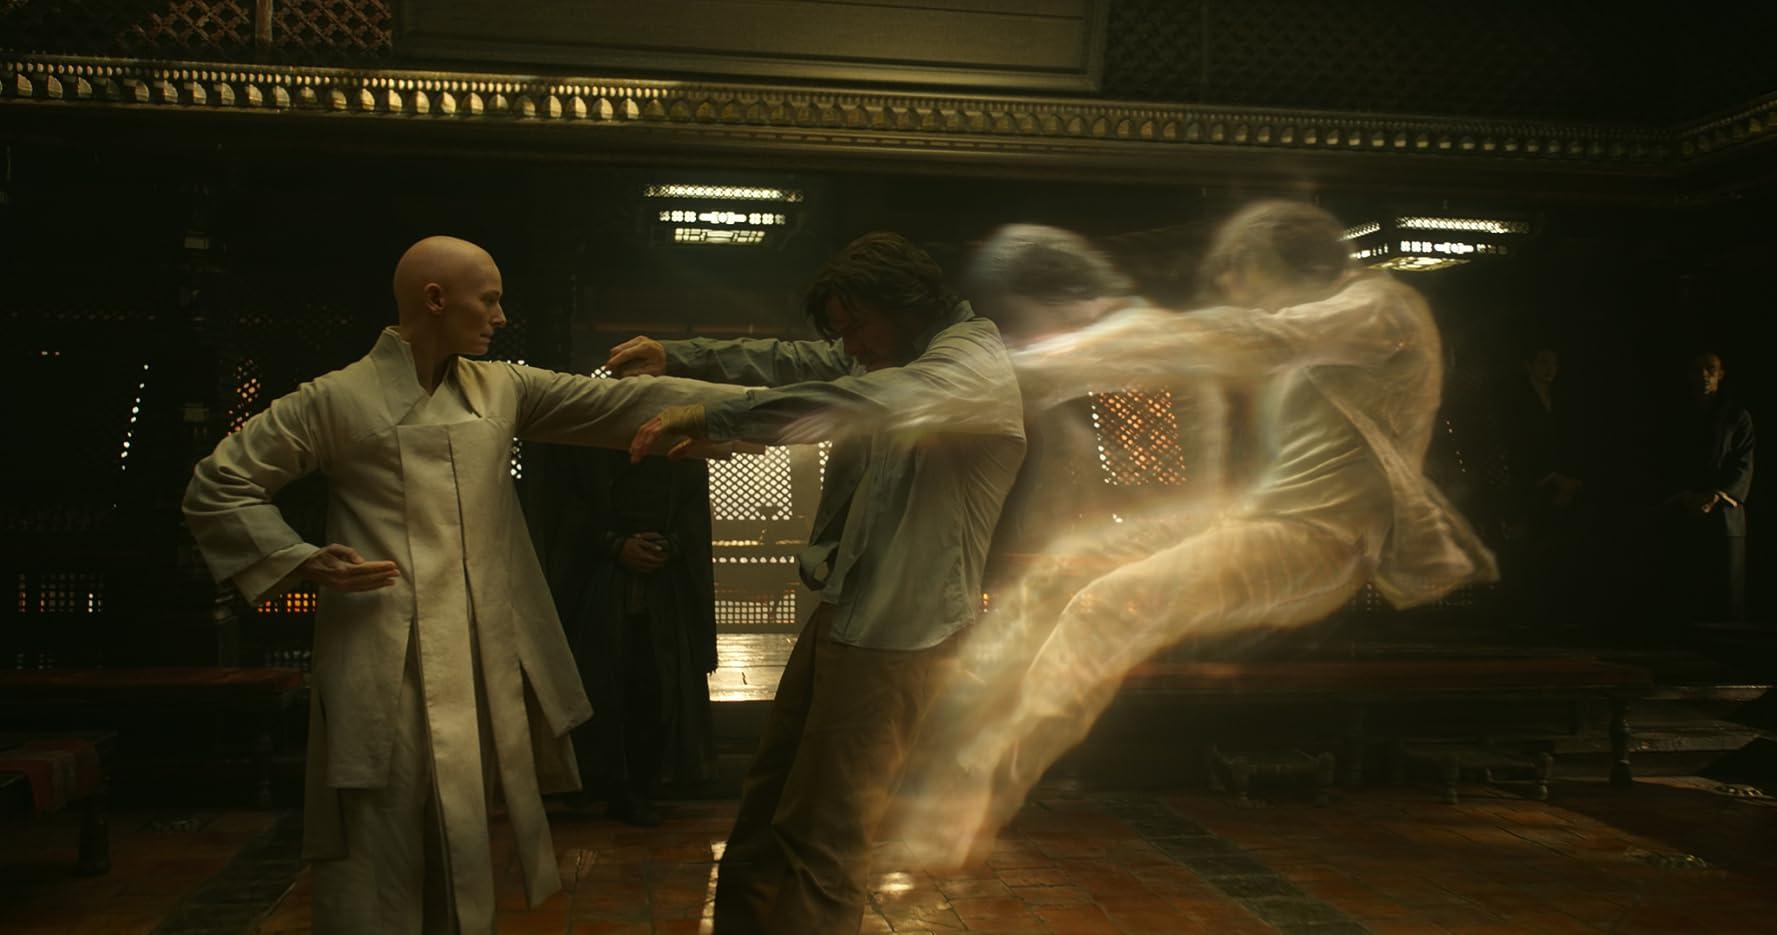 Doctor Strange (2016) / IMDB.com